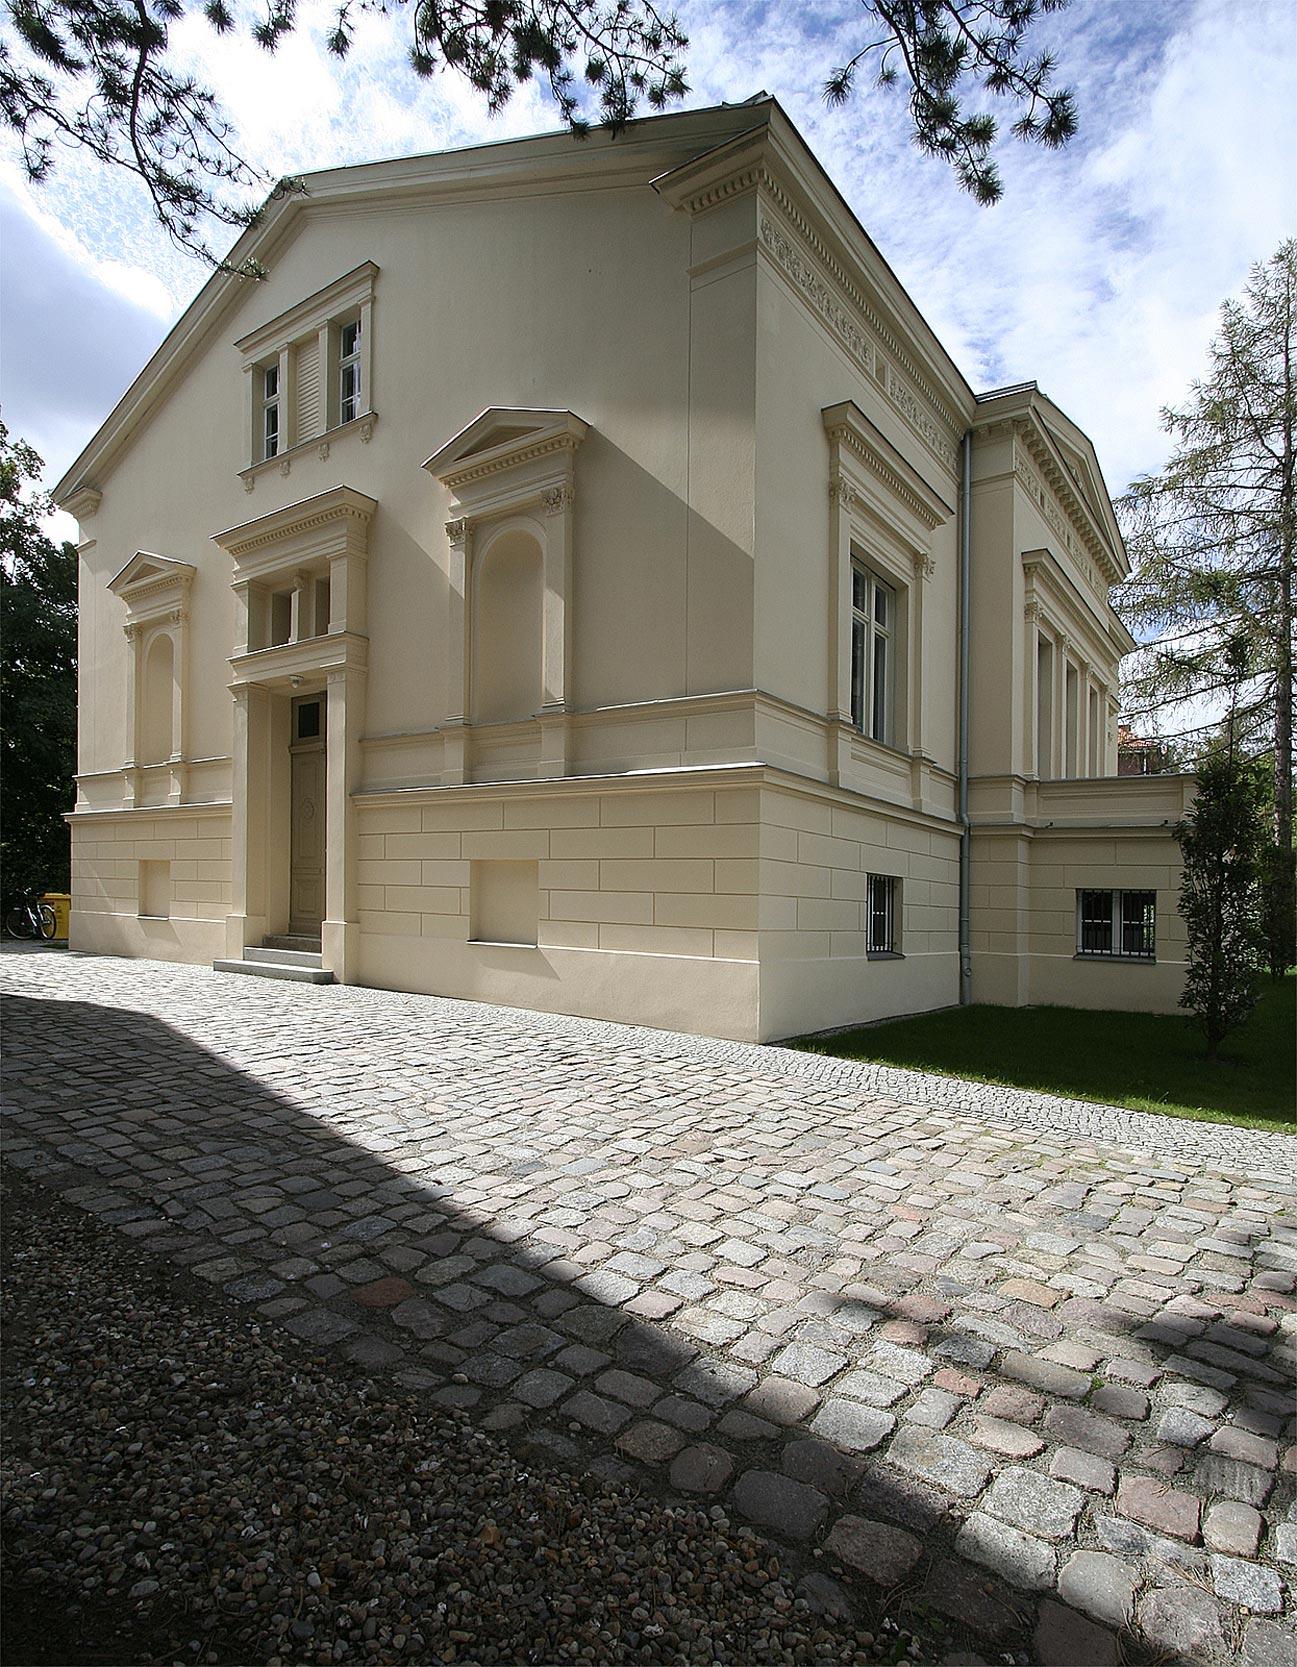 Der Haupteingang an der Giebelseite mit seitlichen Skulpturennischen.